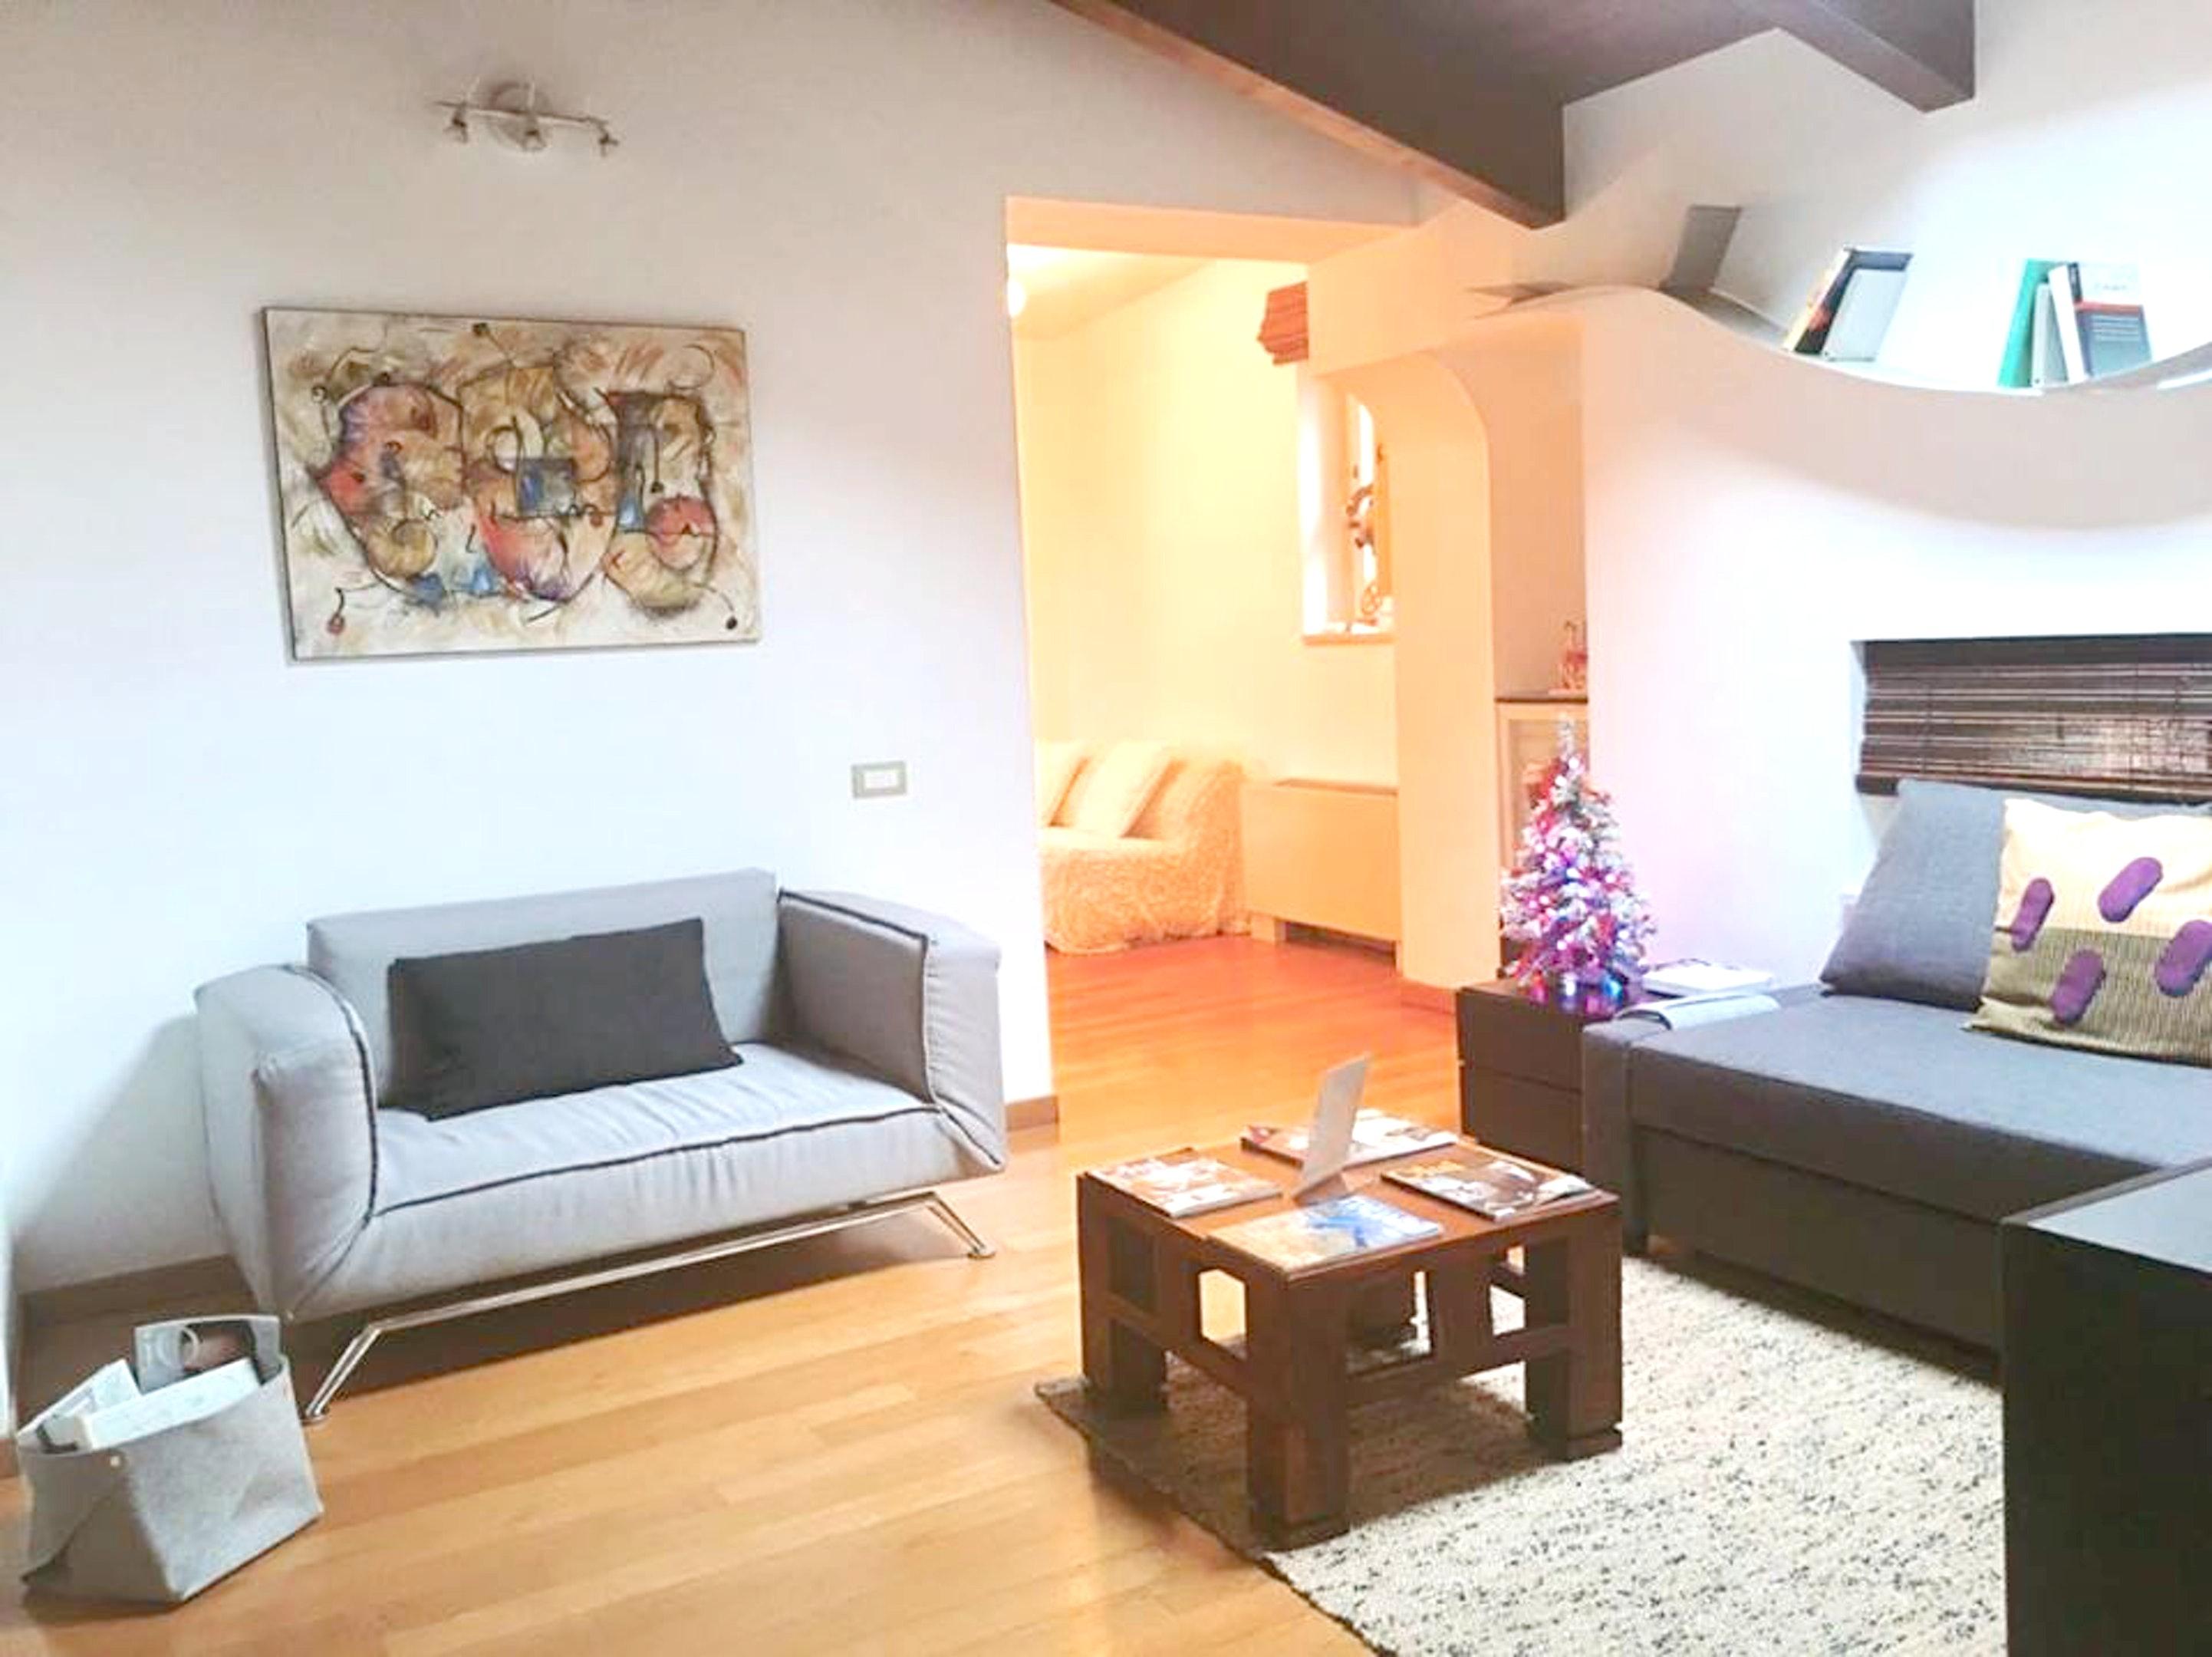 Ferienhaus Haus mit 2 Schlafzimmern in Salerno mit möblierter Terrasse und W-LAN (2644279), Salerno, Salerno, Kampanien, Italien, Bild 7